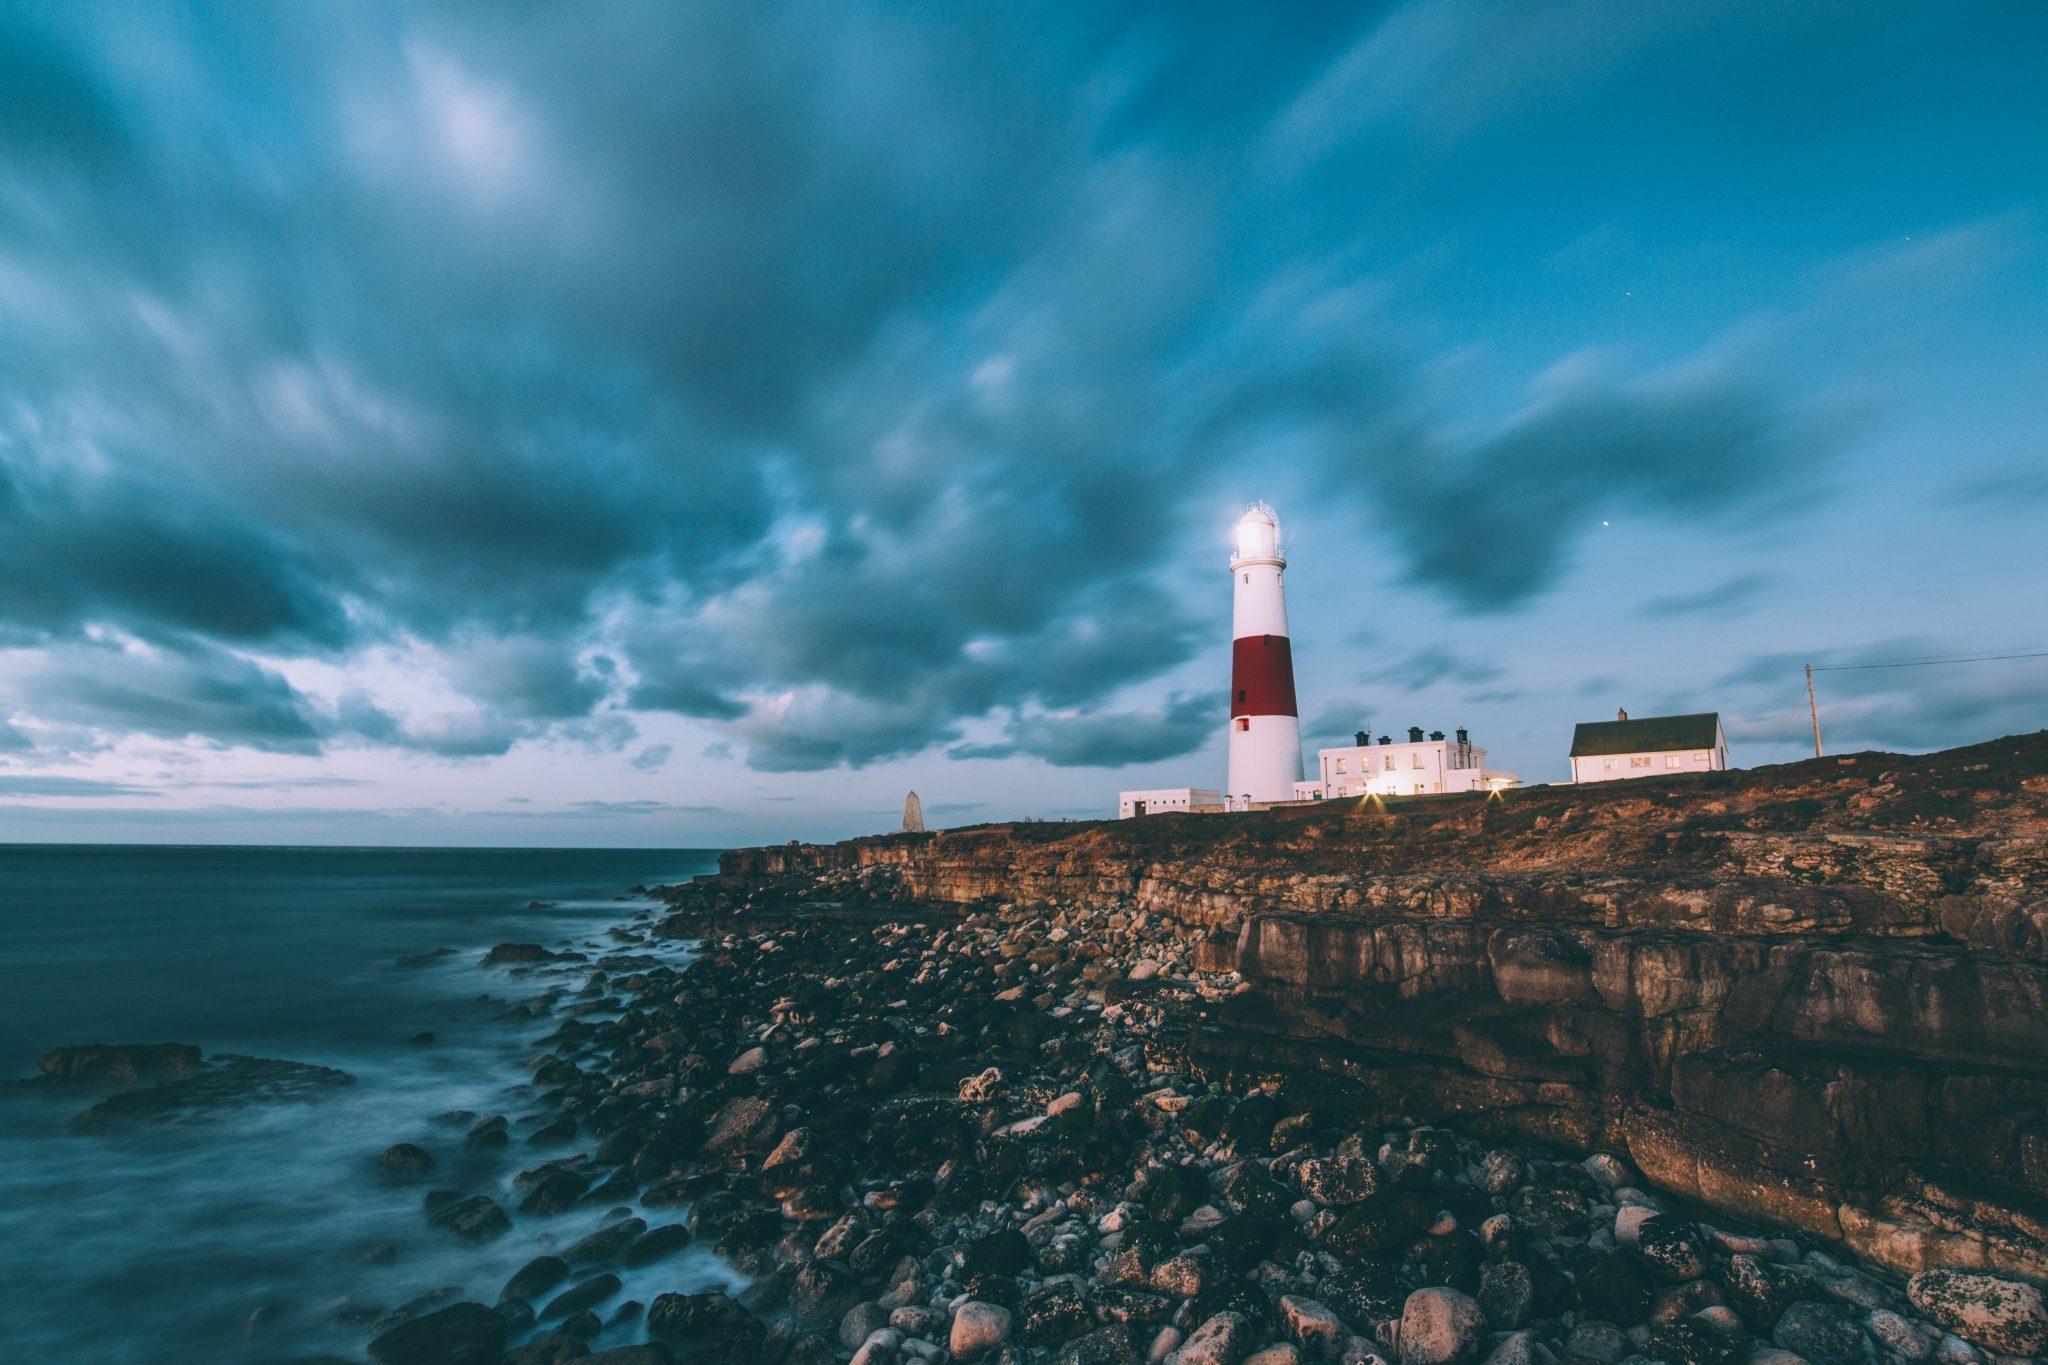 Image décorative - Photo d'un phare sous un ciel menaçant